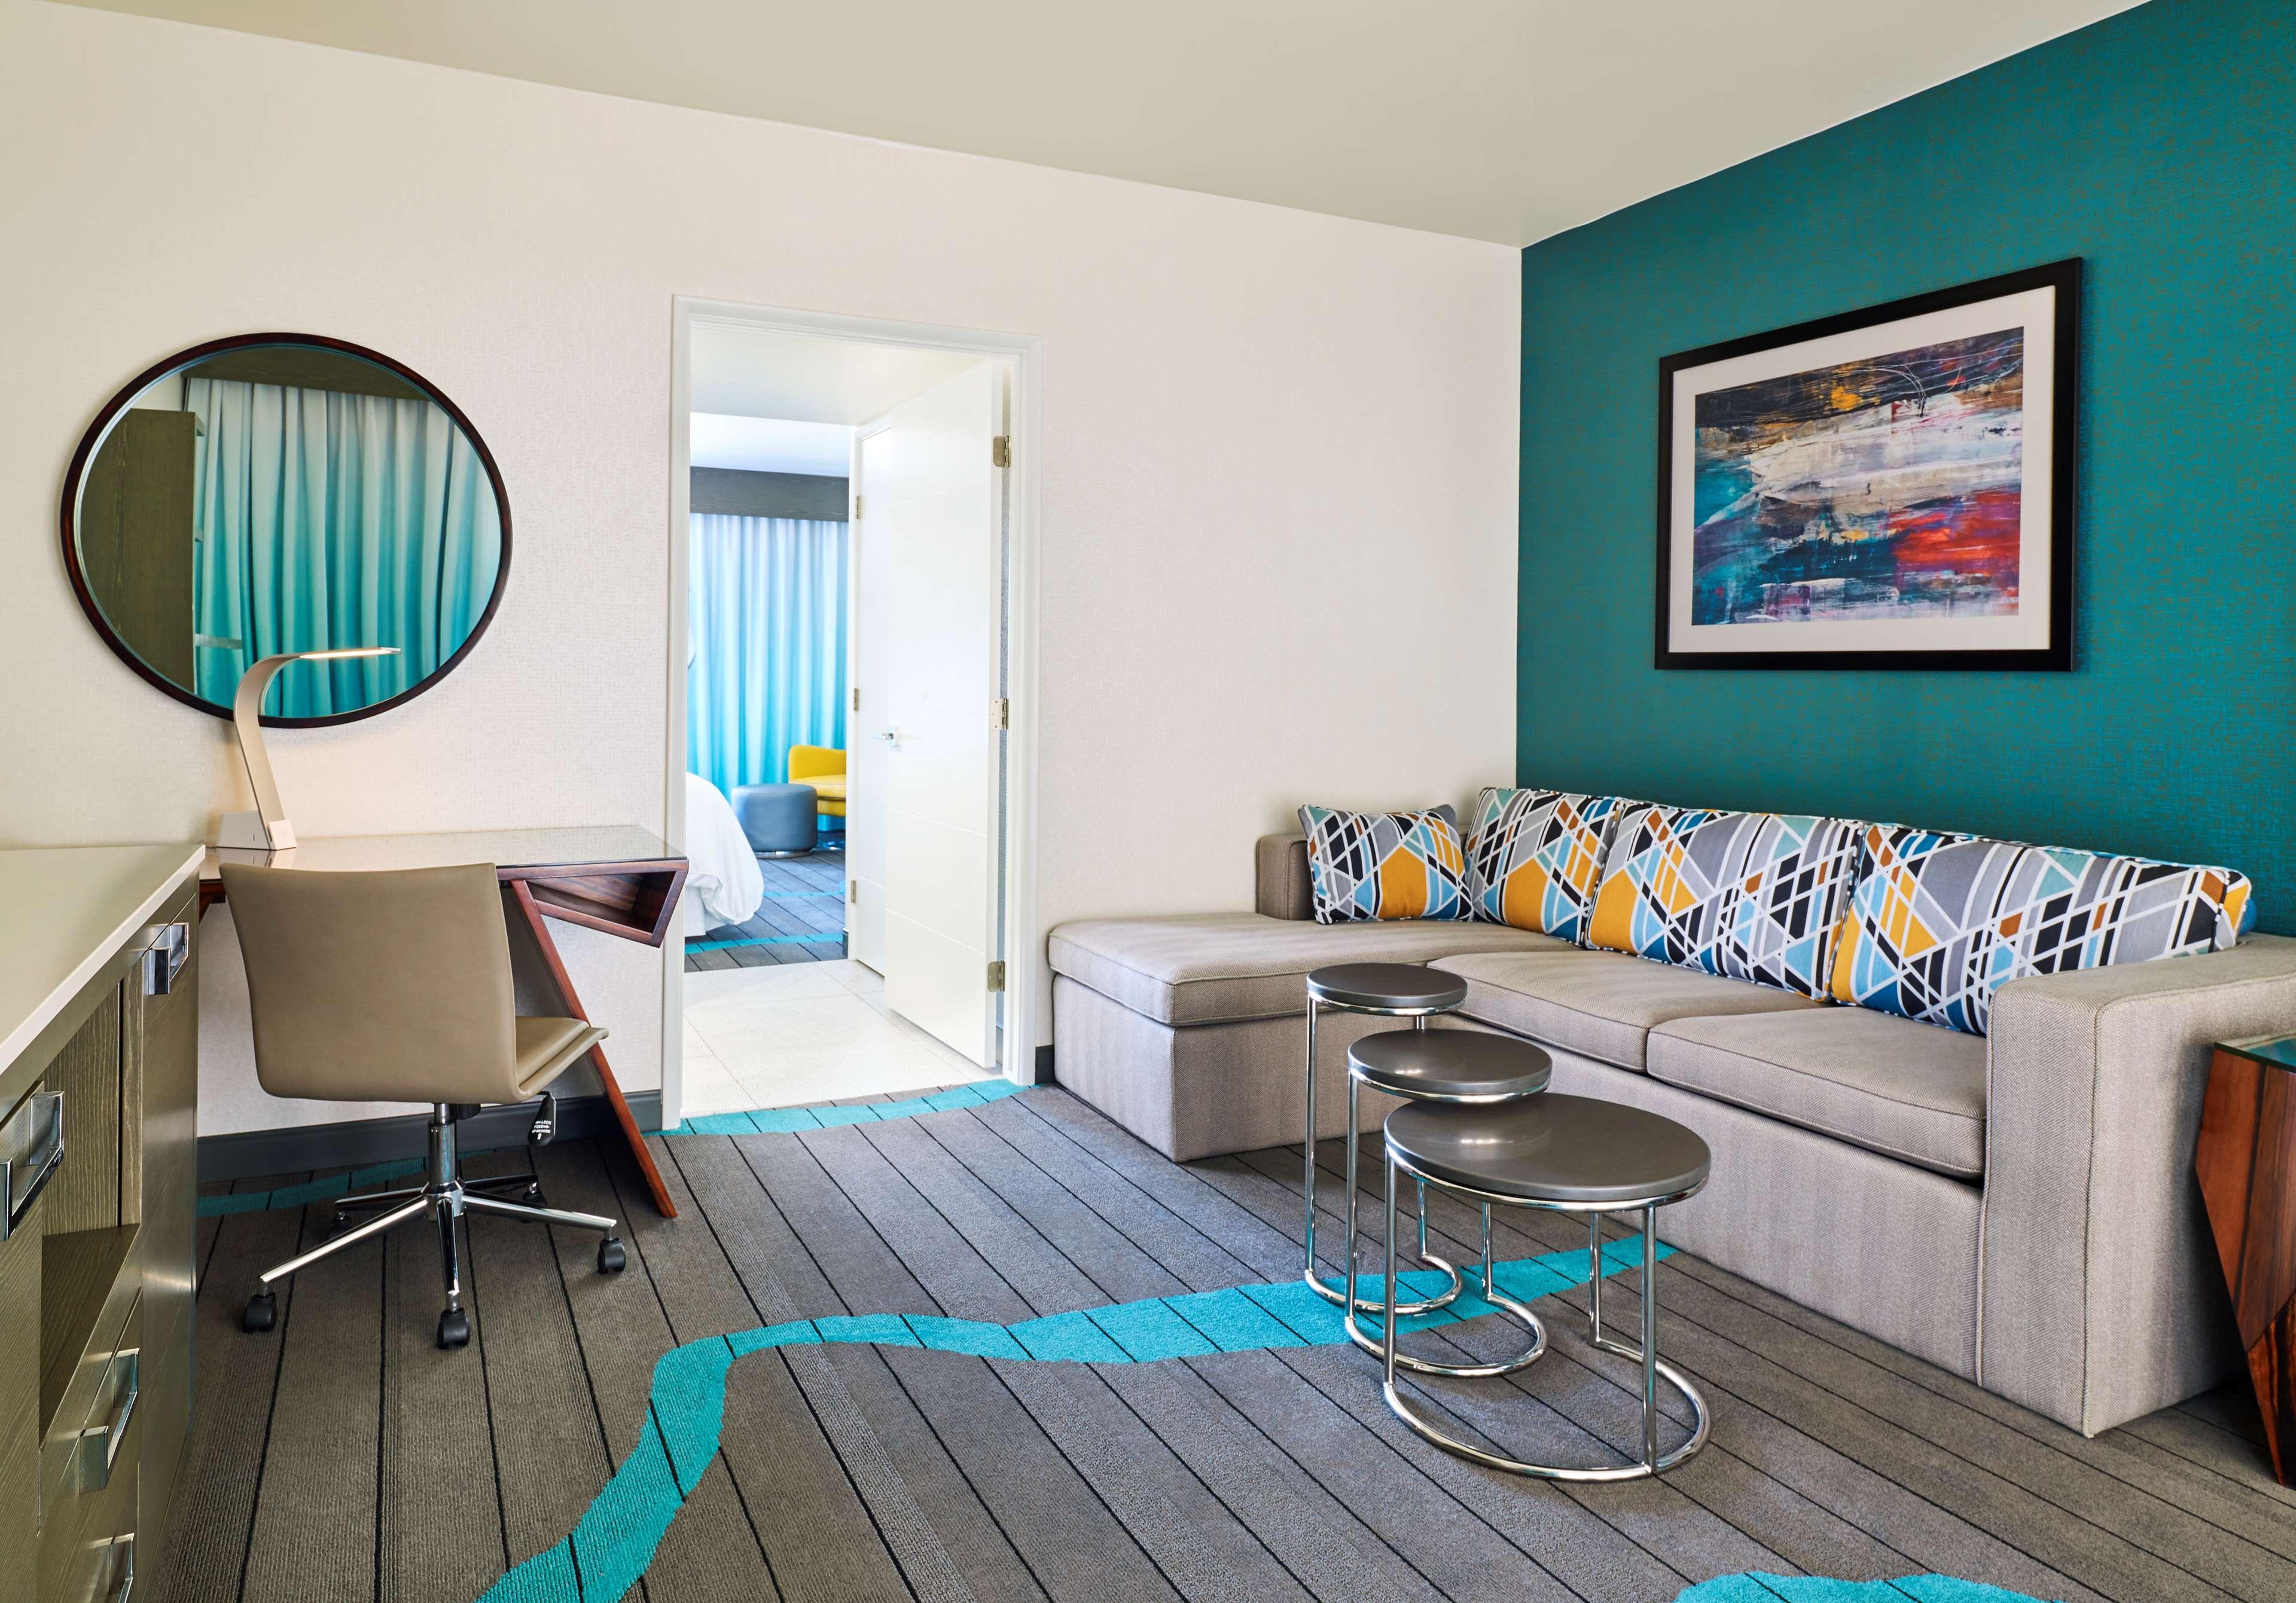 Sheraton Tucson Hotel & Suites image 17